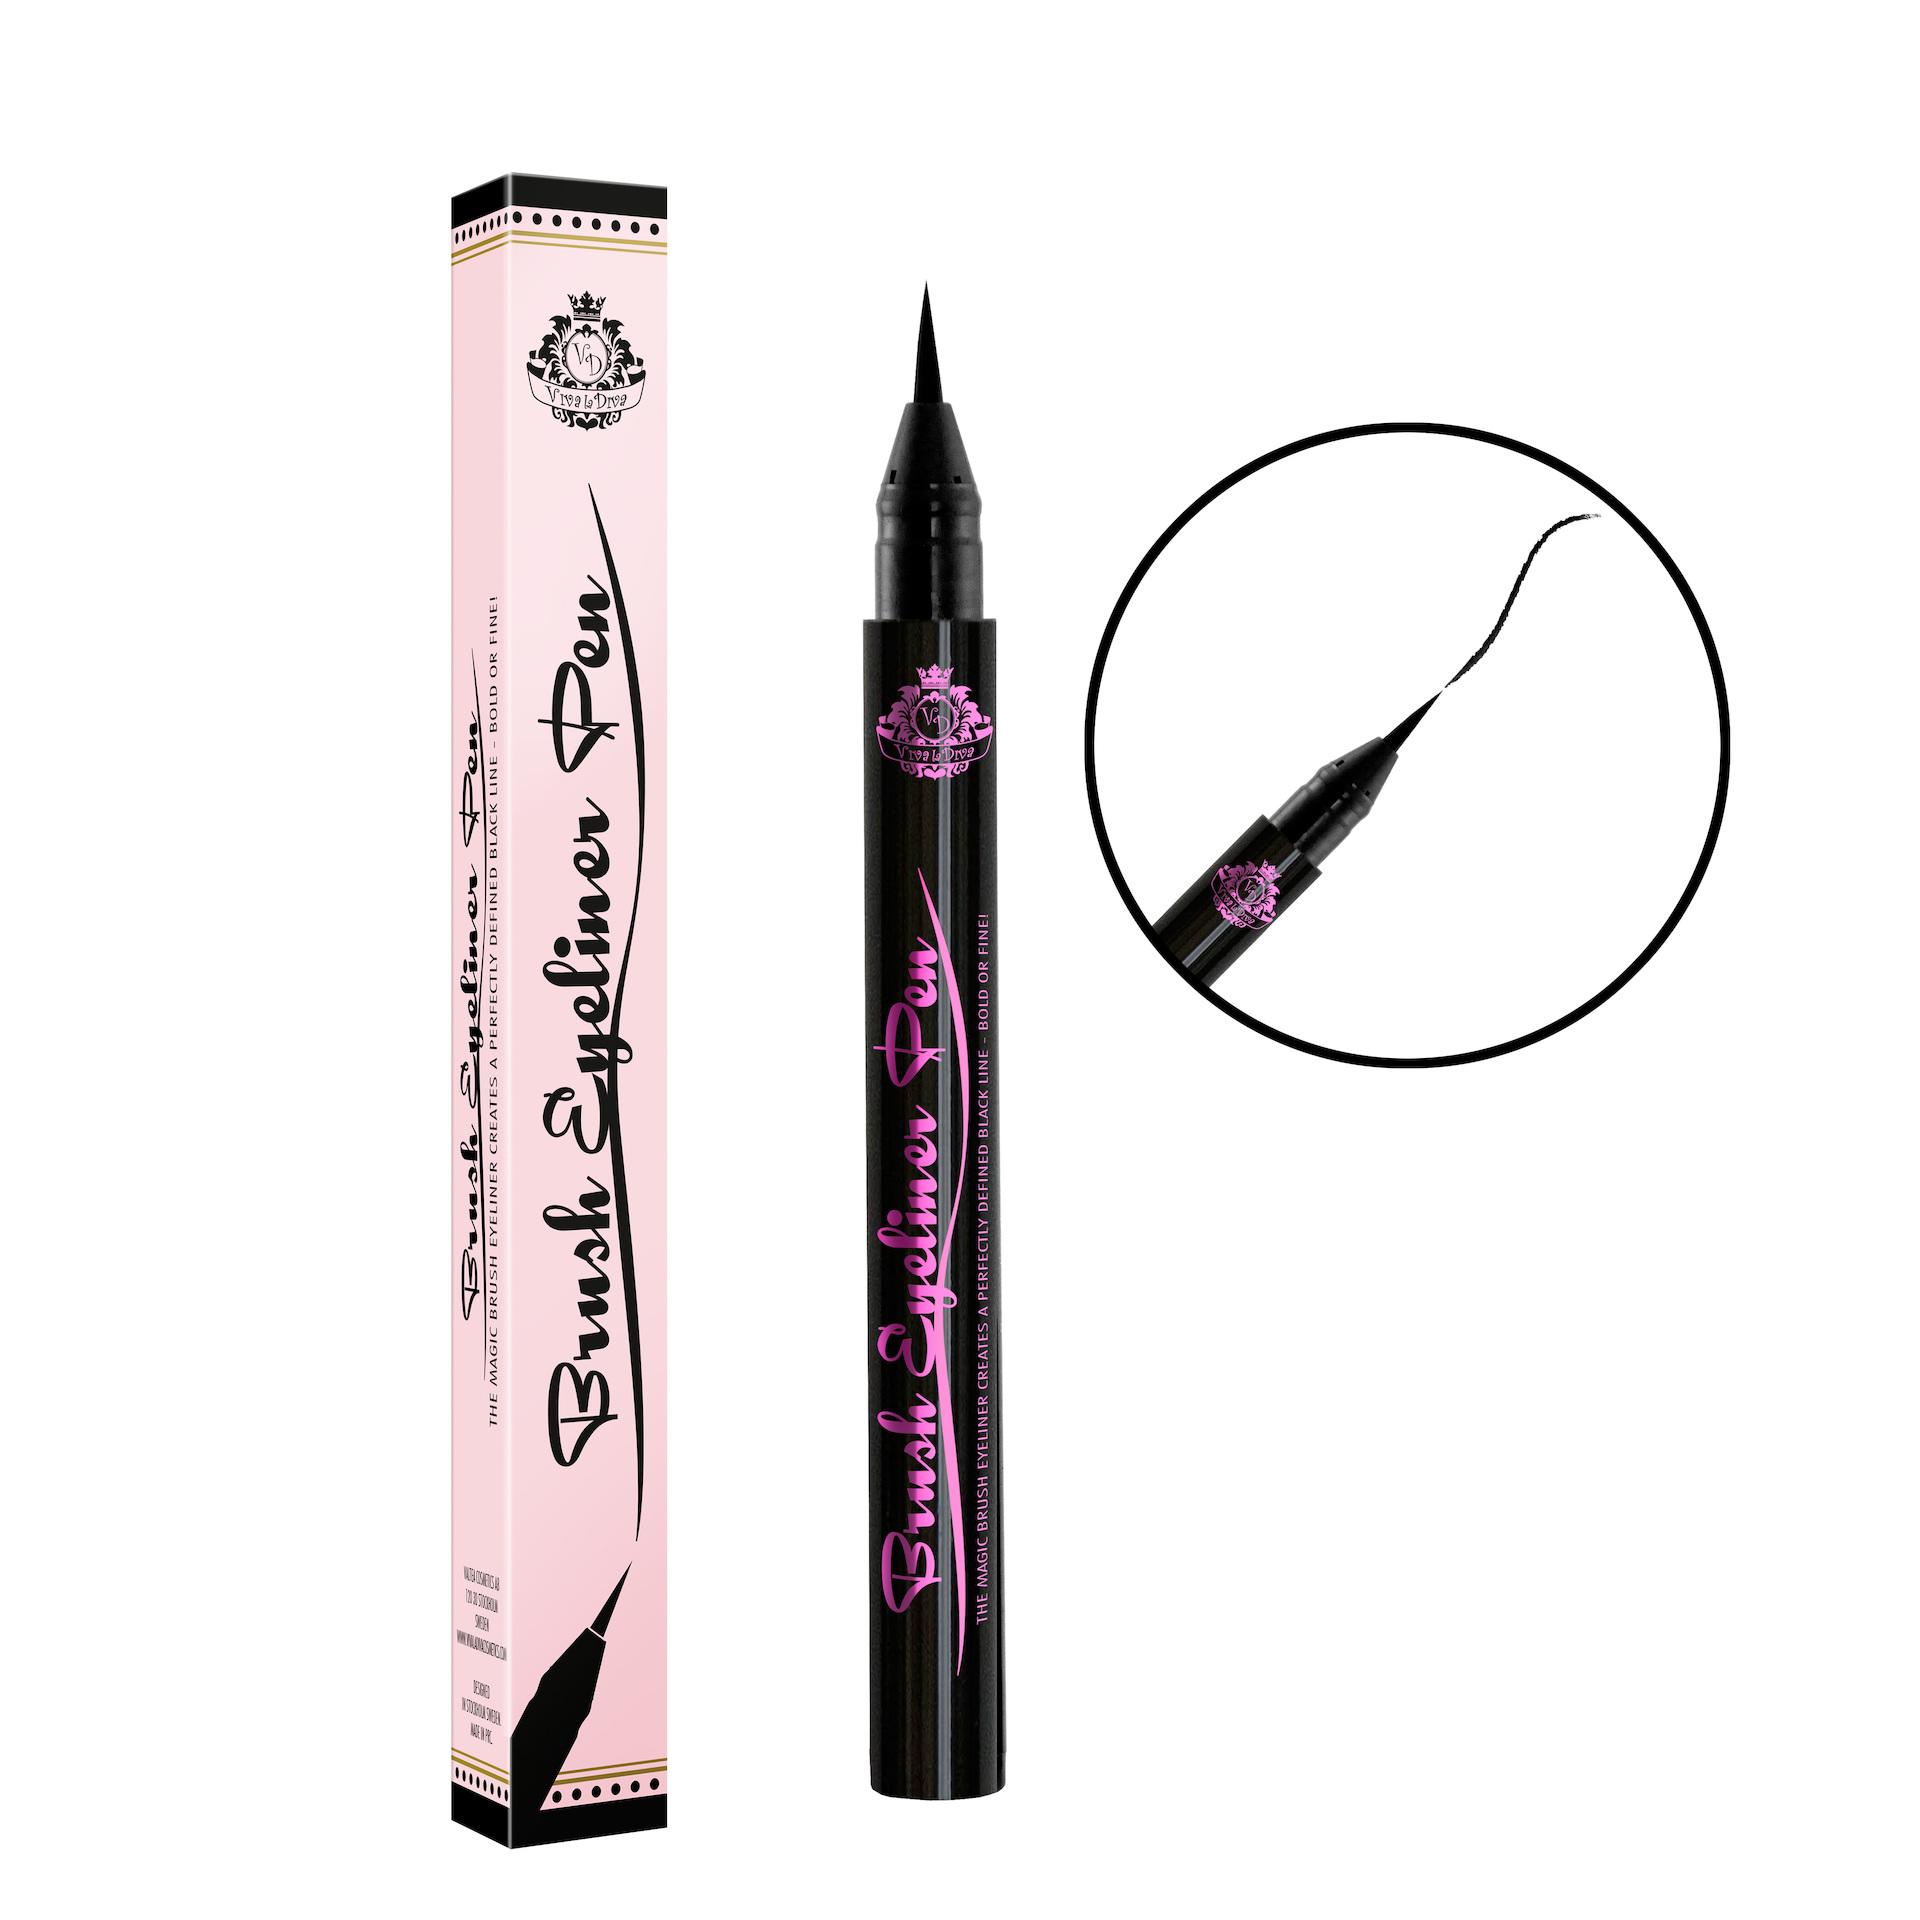 Brush Eyeliner Pen